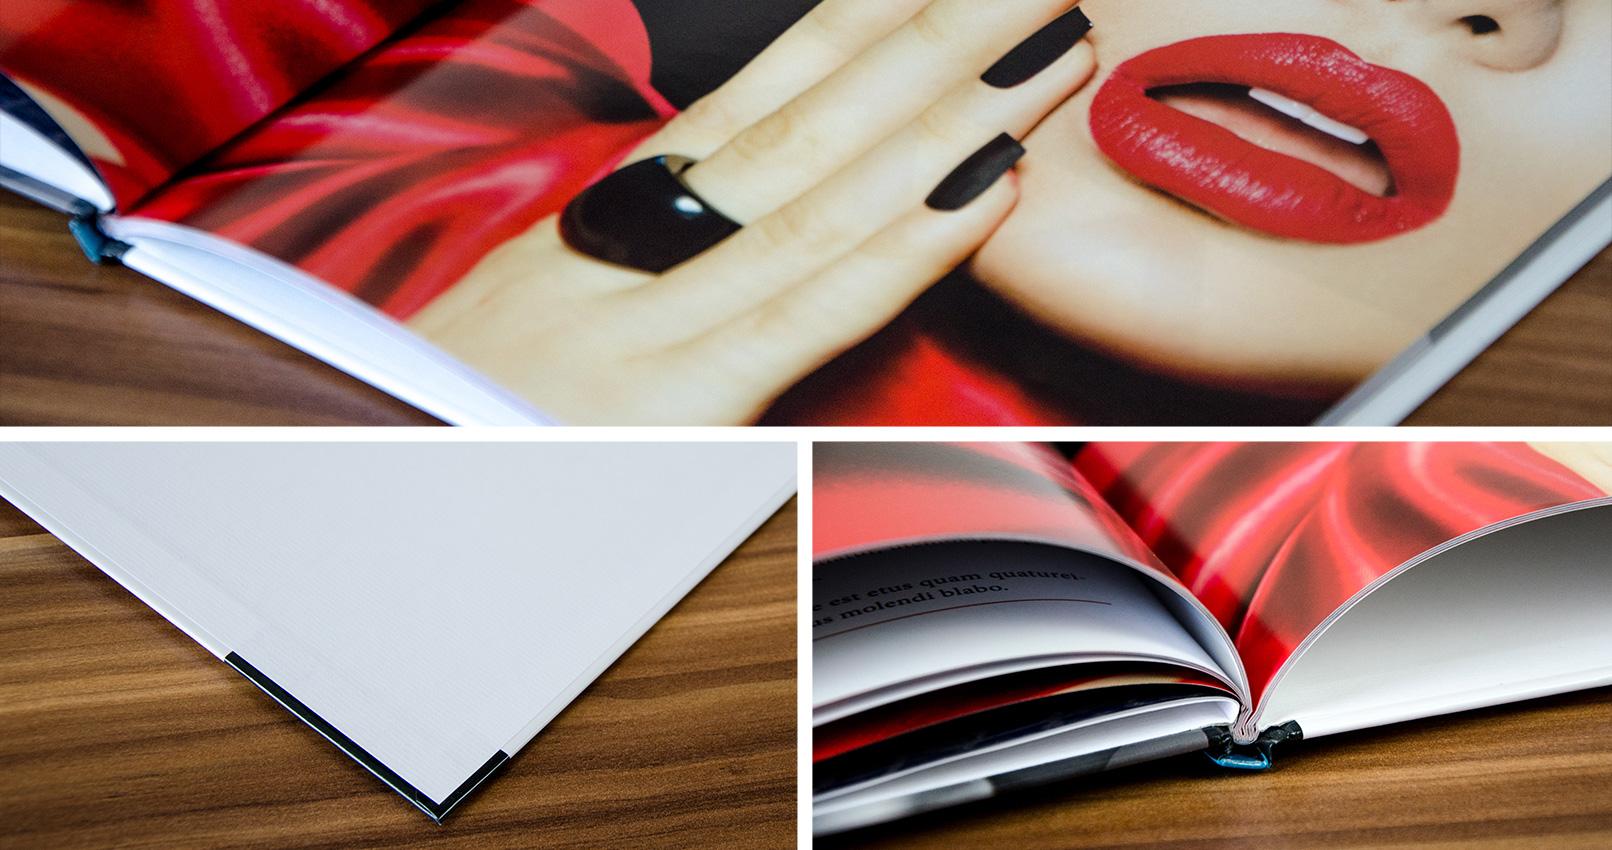 Druckfertige PDFs gestalten in InDesign: Druckdaten für ein Hardcover